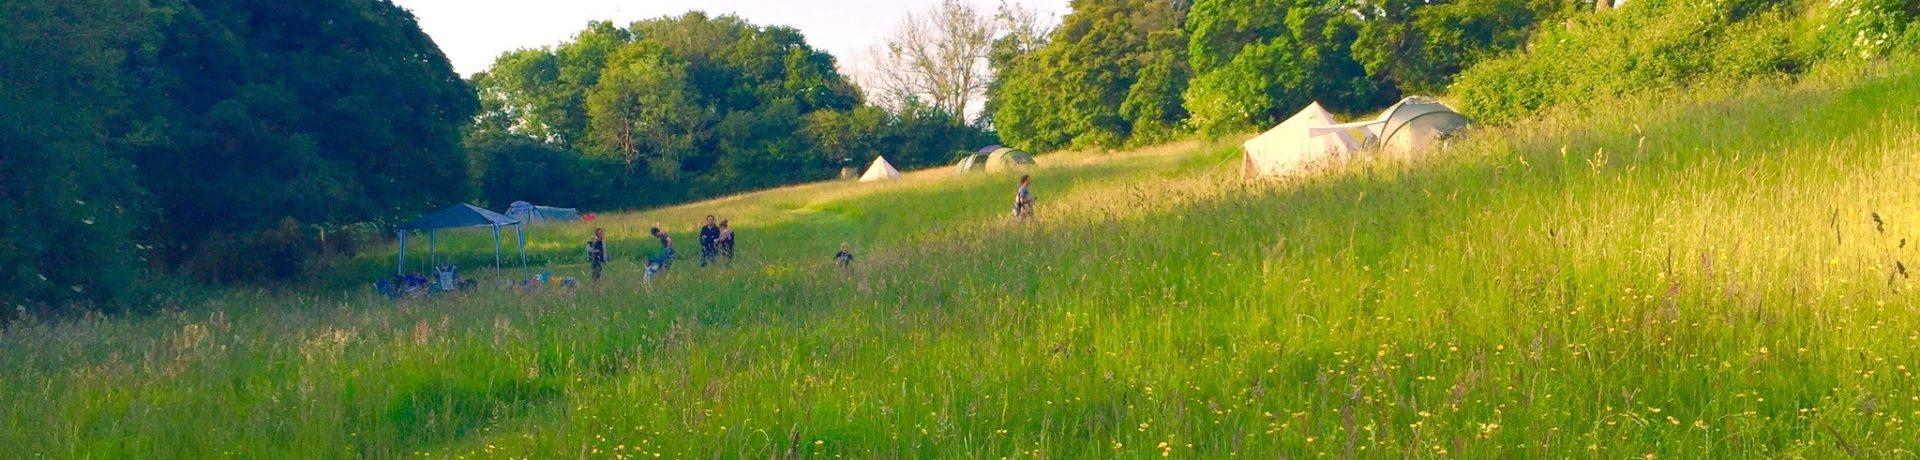 The Sunnyfield is een tenten, campers en glamping only camping in Kent voor families en liefhebbers van het authentieke kamperen in Zuidoost-Engeland.